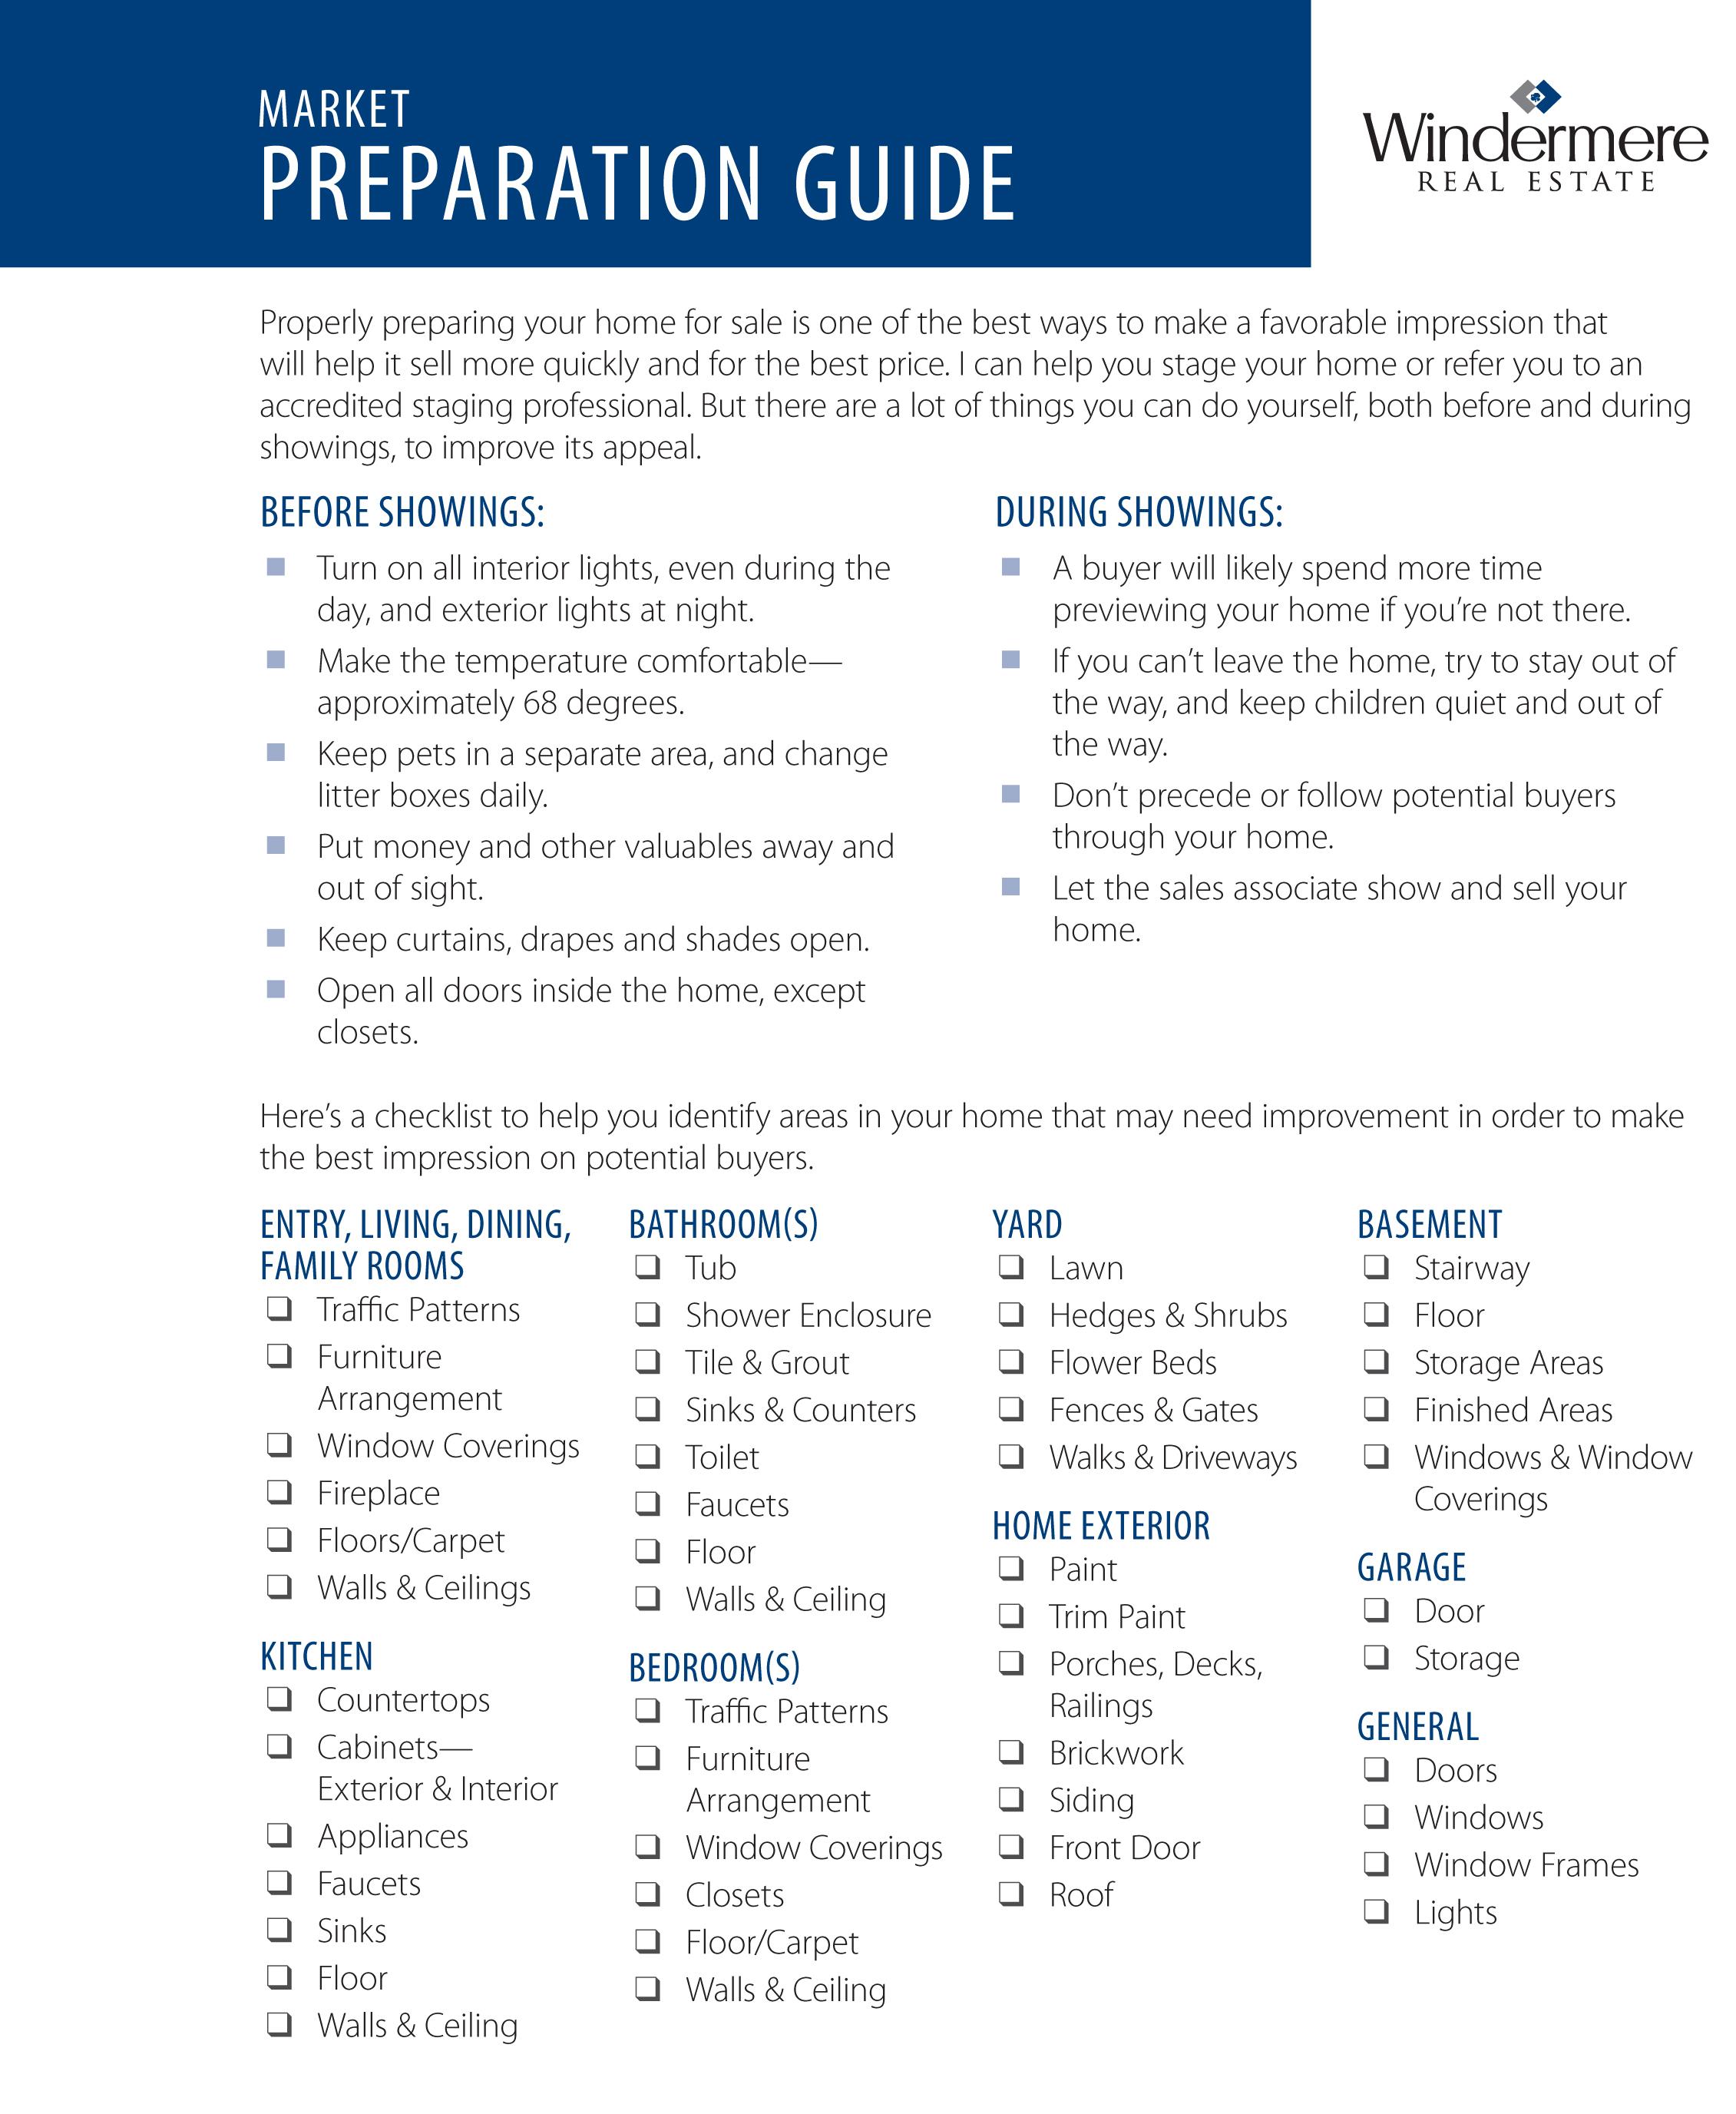 611 Market Prep Guide WORC